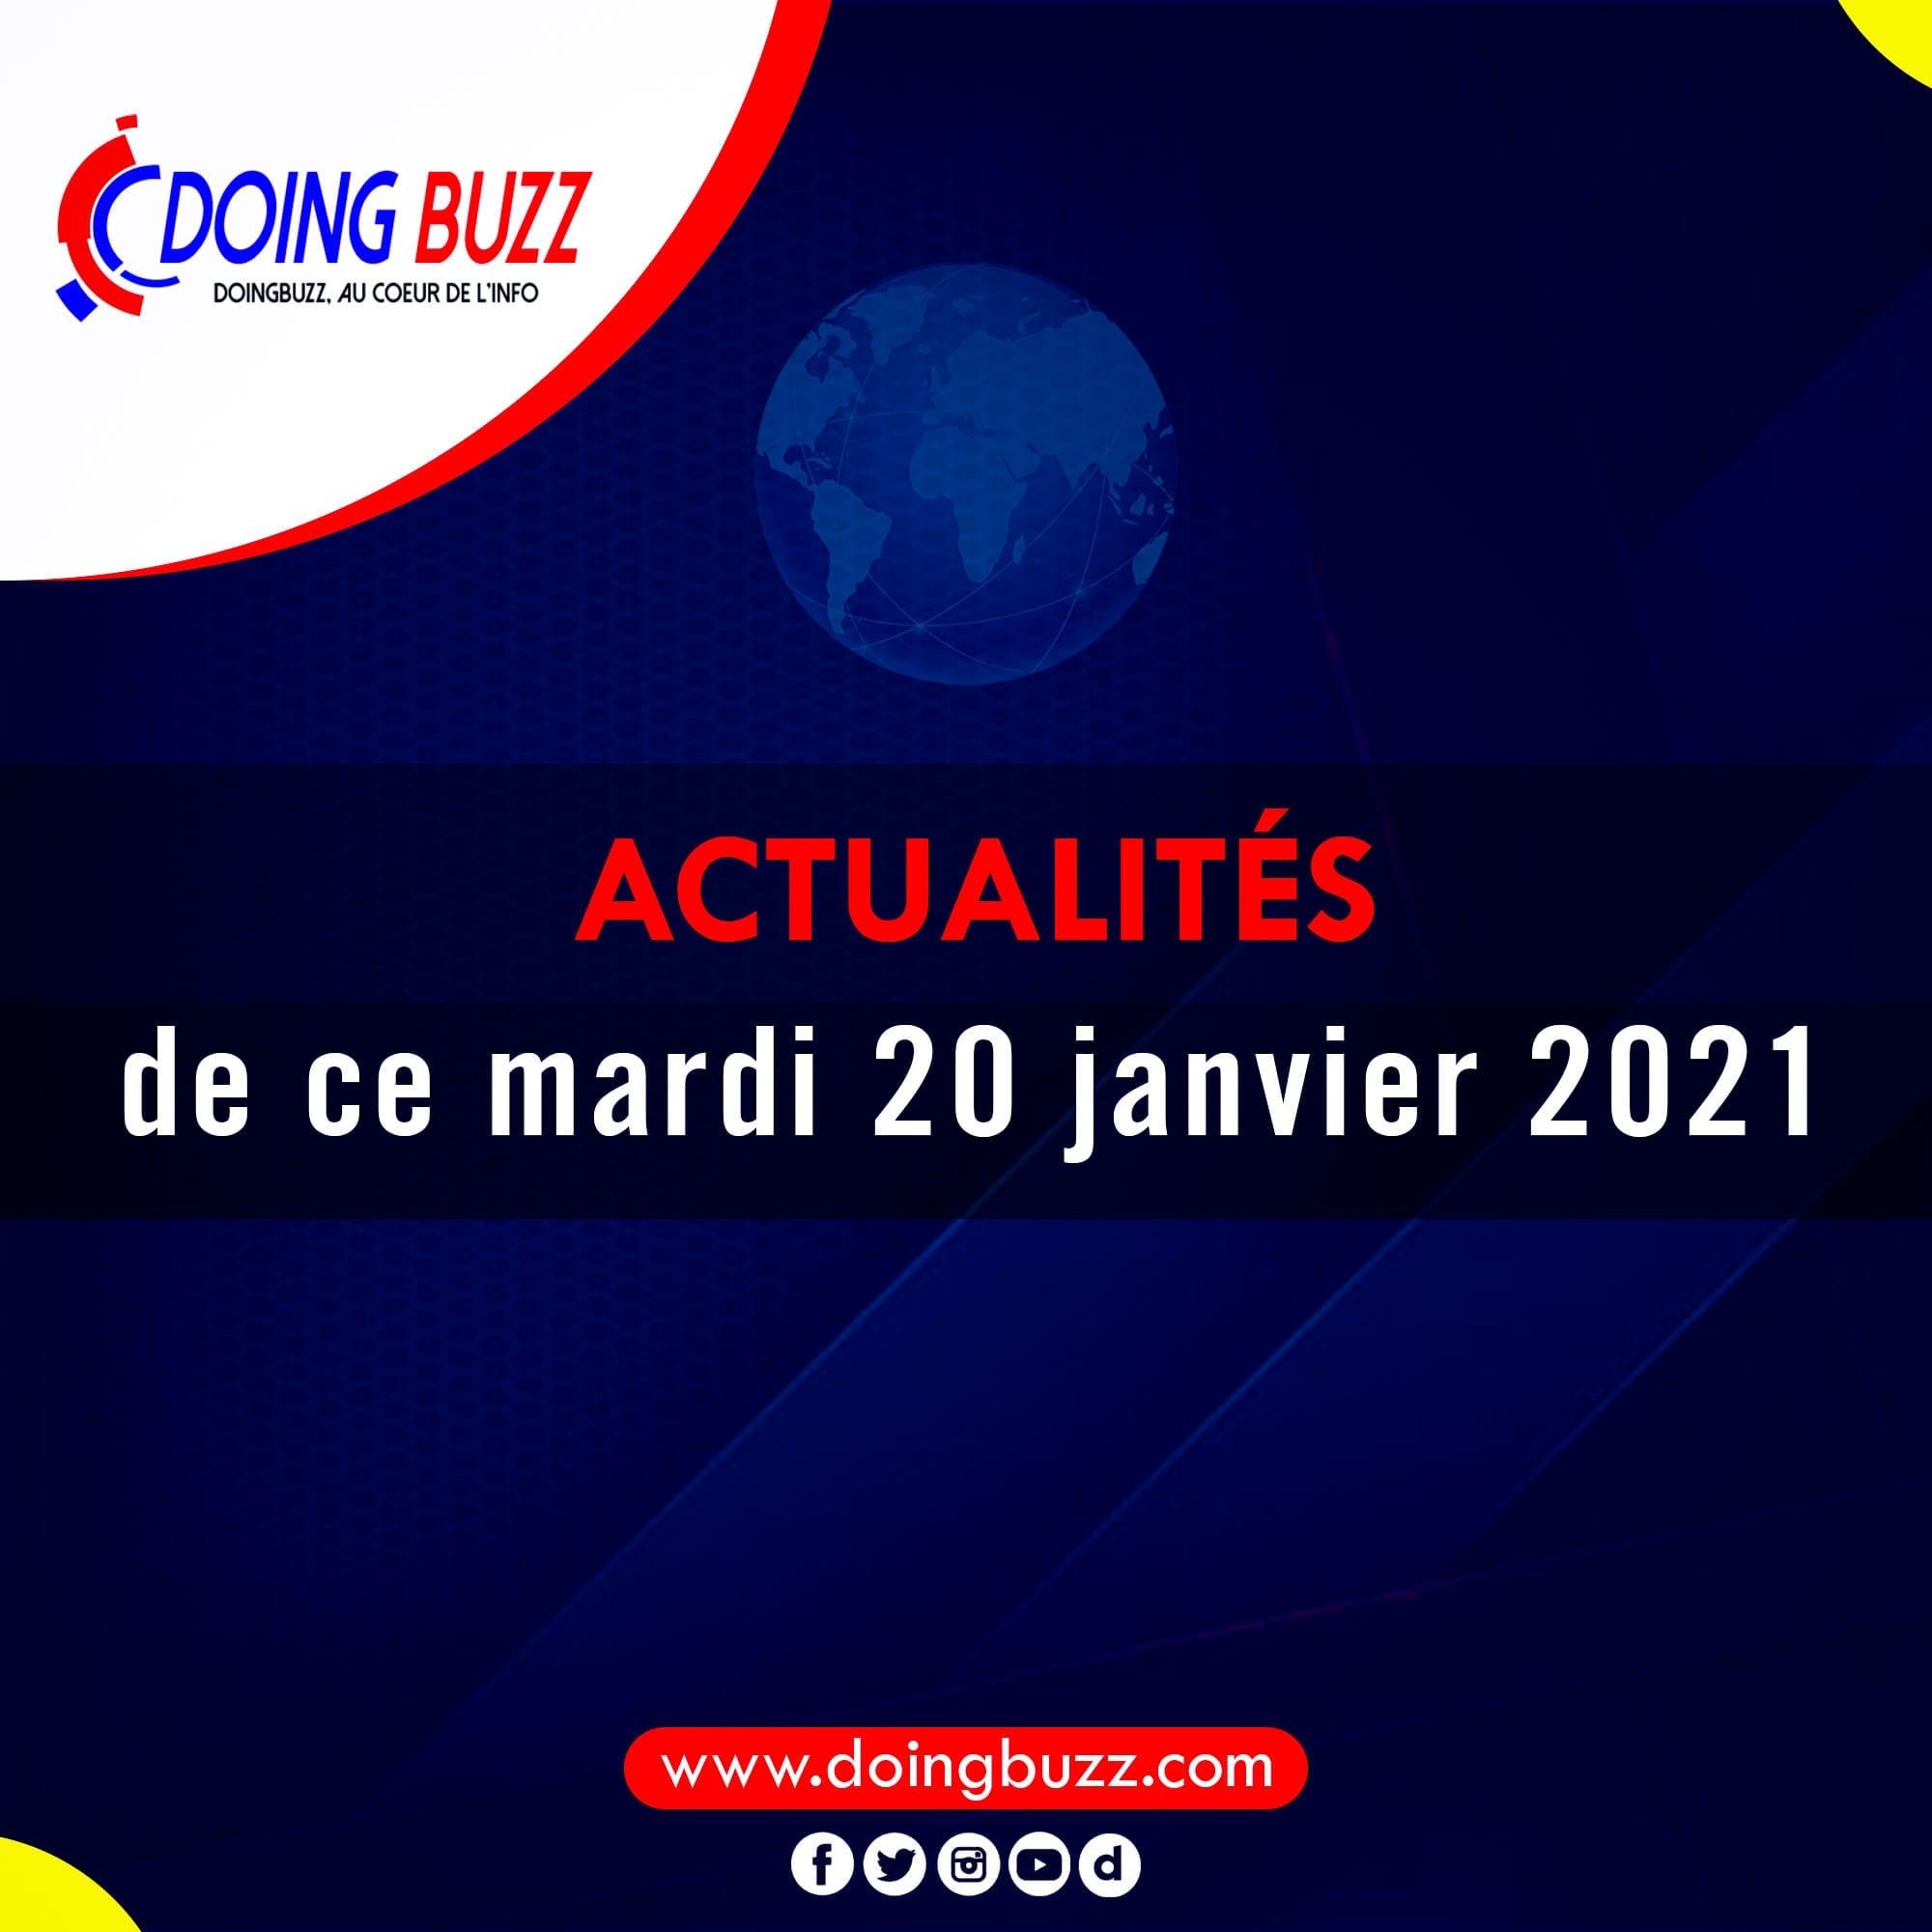 Actualités du jour sur Doingbuzz: Mercredi  le 20 Janvier 2021